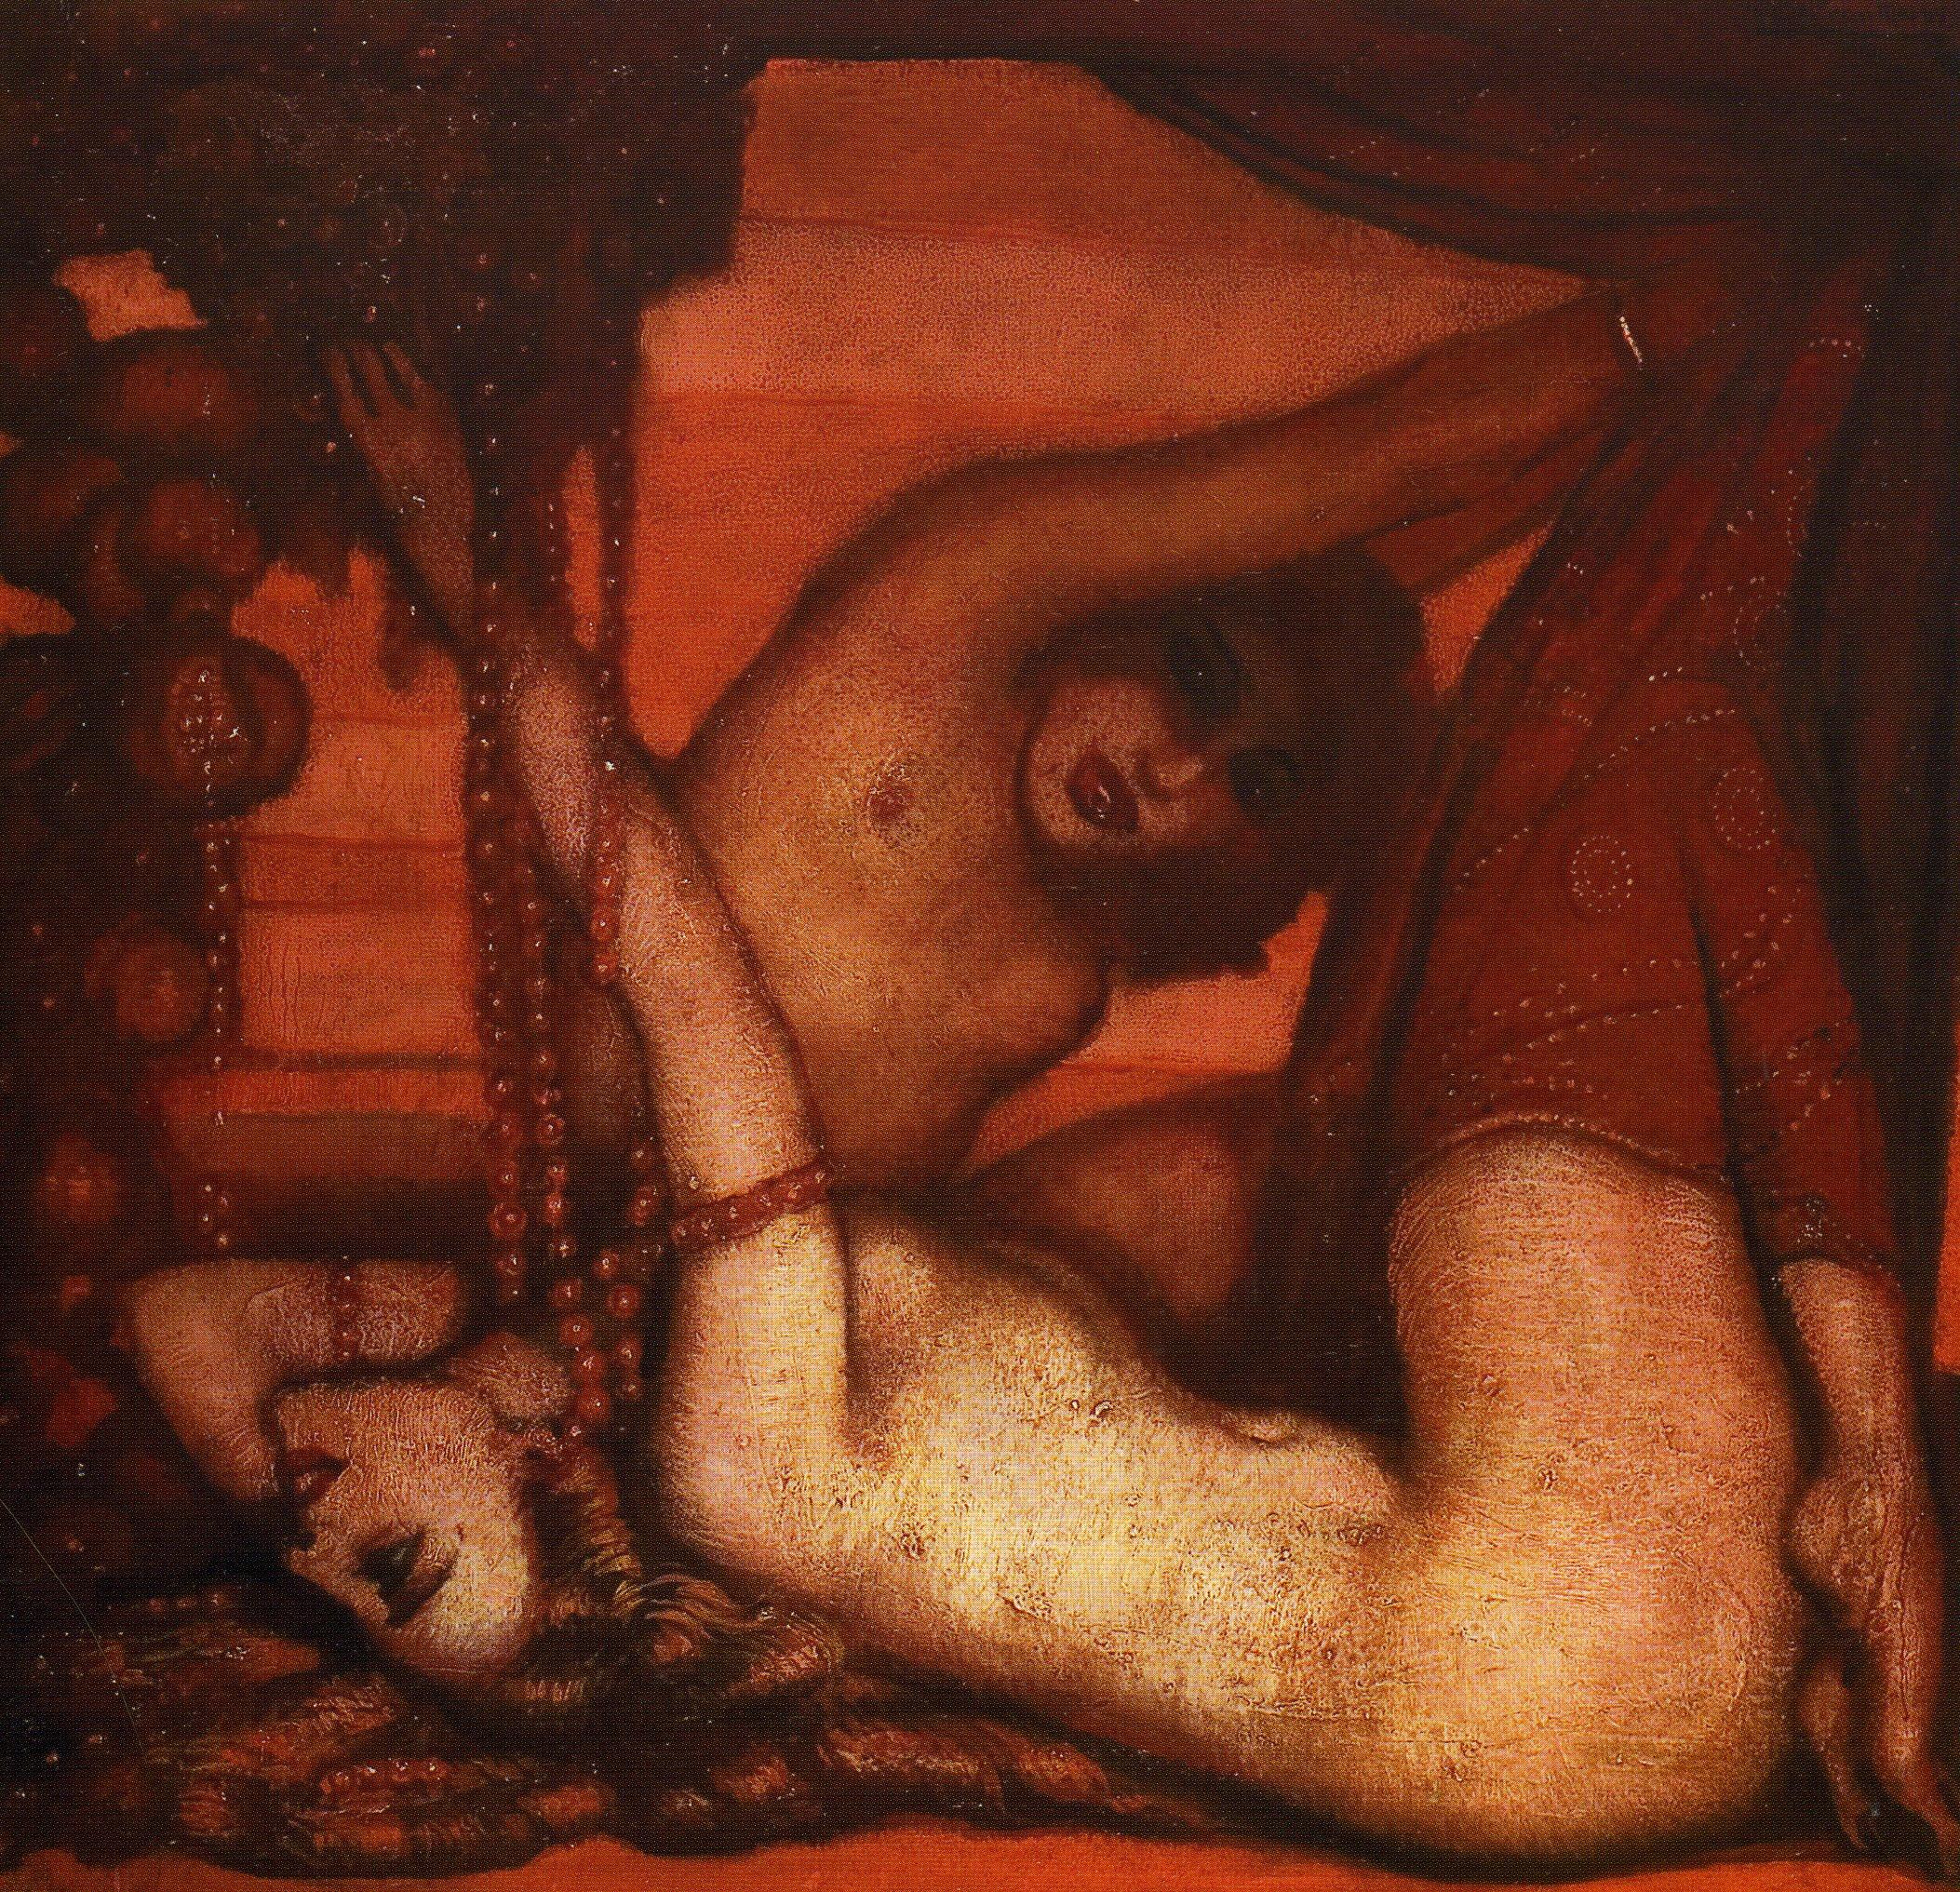 El rubí, 1929